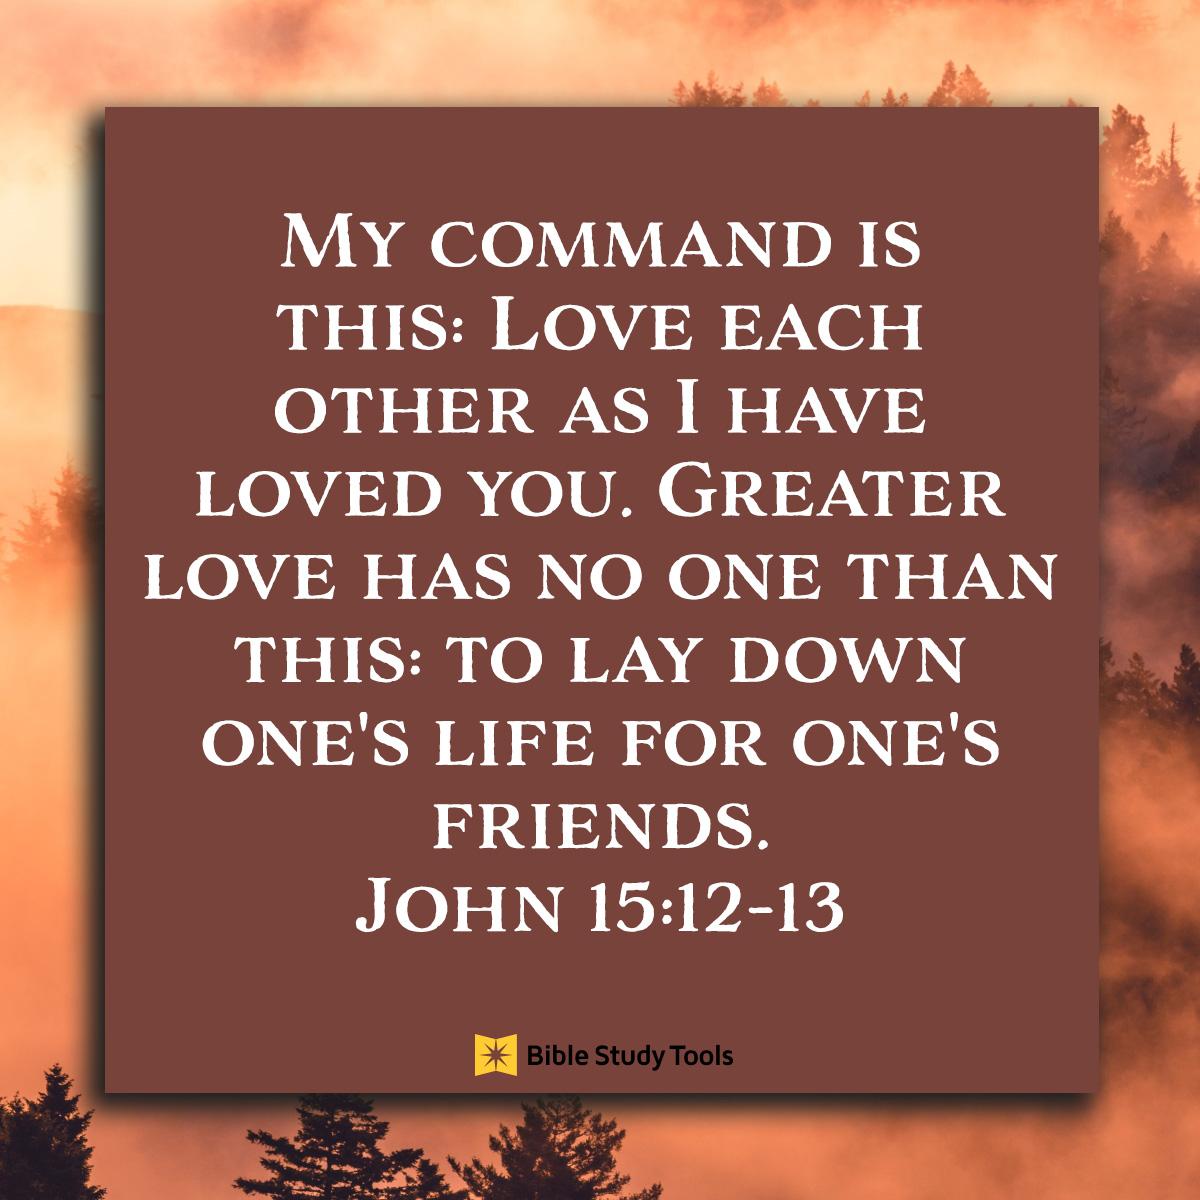 John 15:12-13, square image